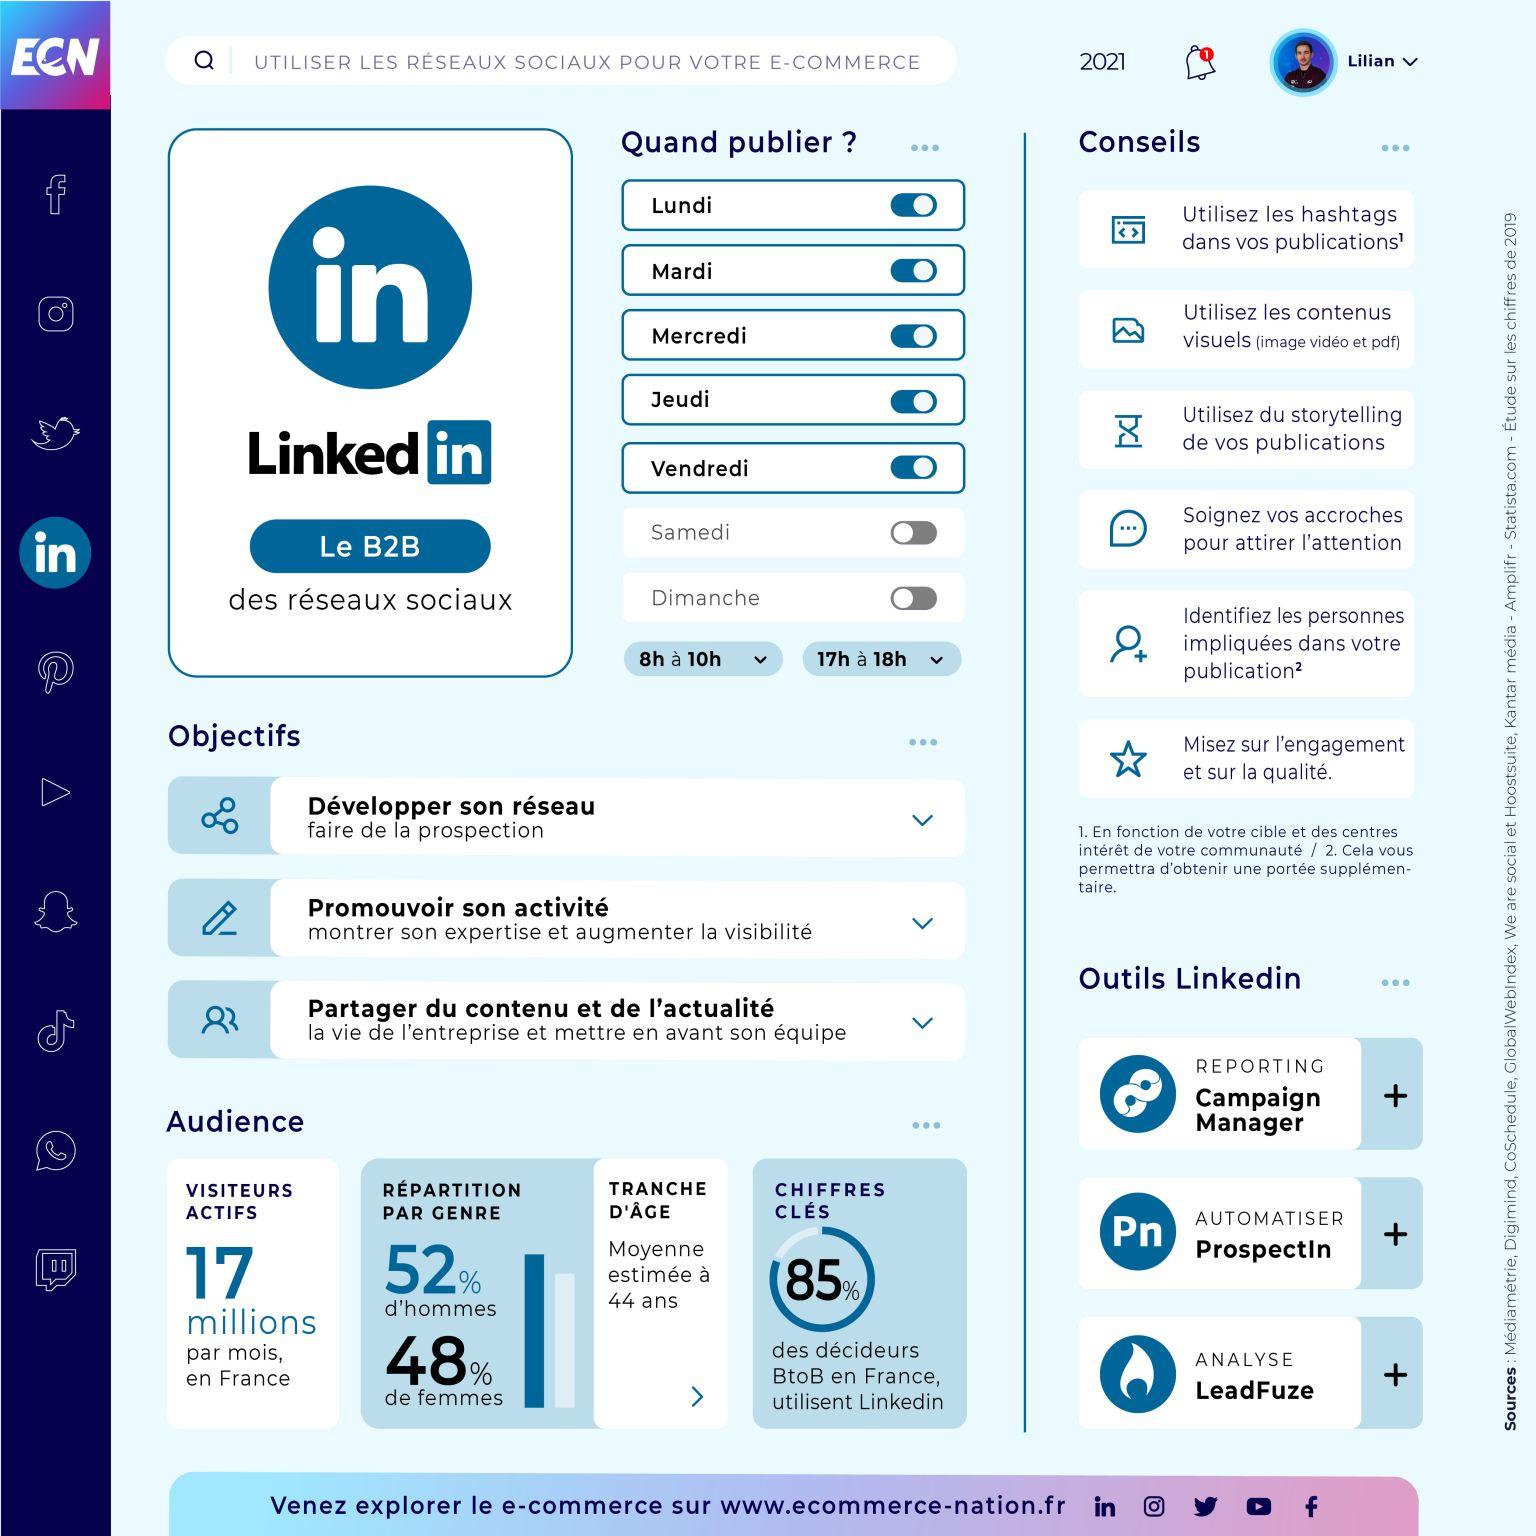 Infographie Linkedin par Ecommerce Nation